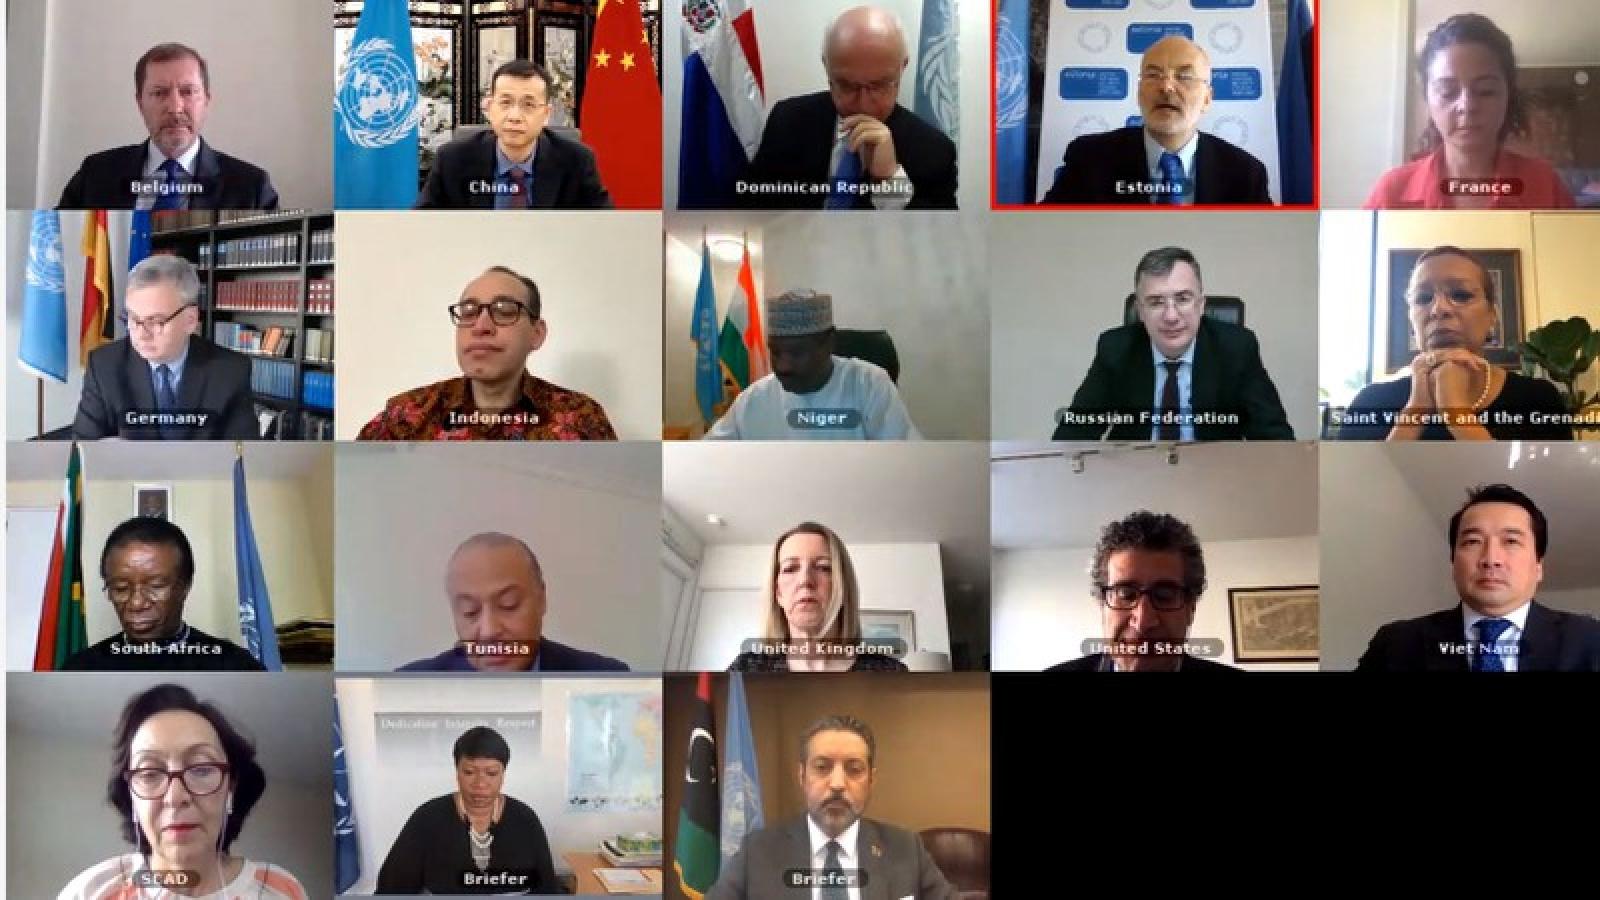 Hội đồng Bảo an LHQ quan ngại về tình hình chiến sự gia tăng ở Libya